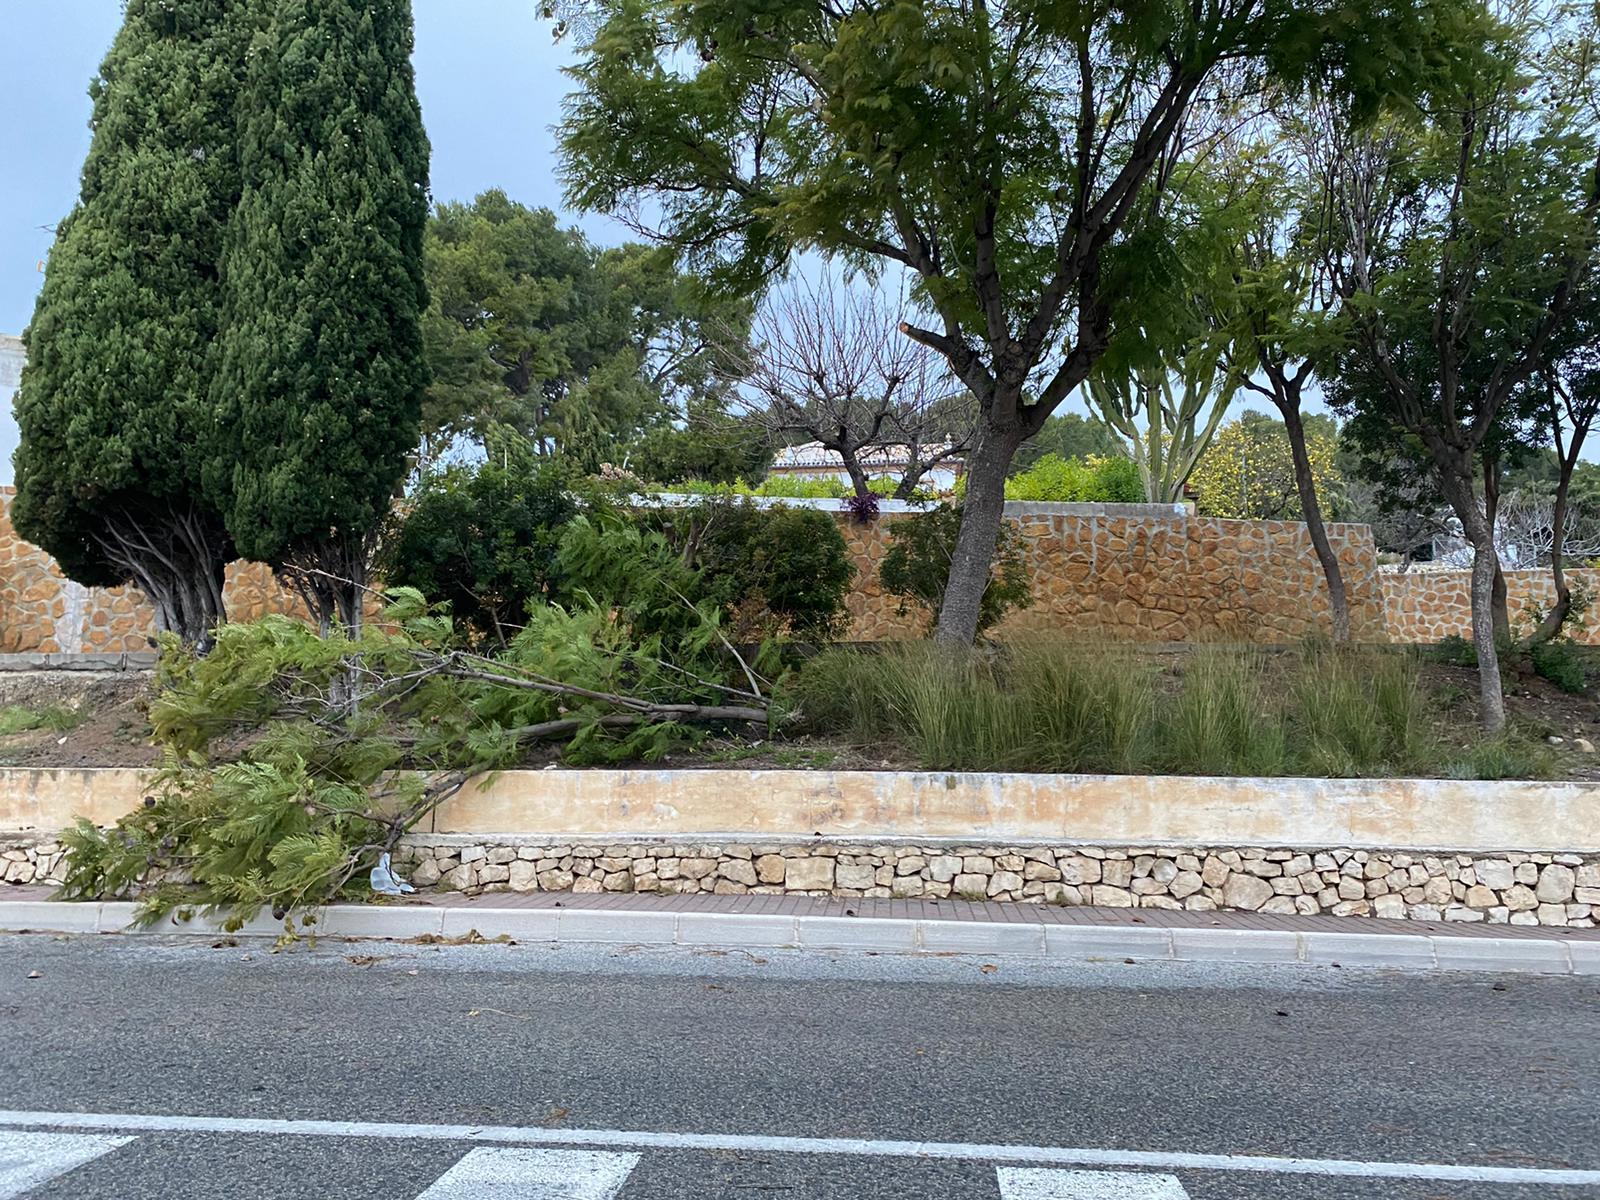 Ramas de árboles rotas por el fuerte viento